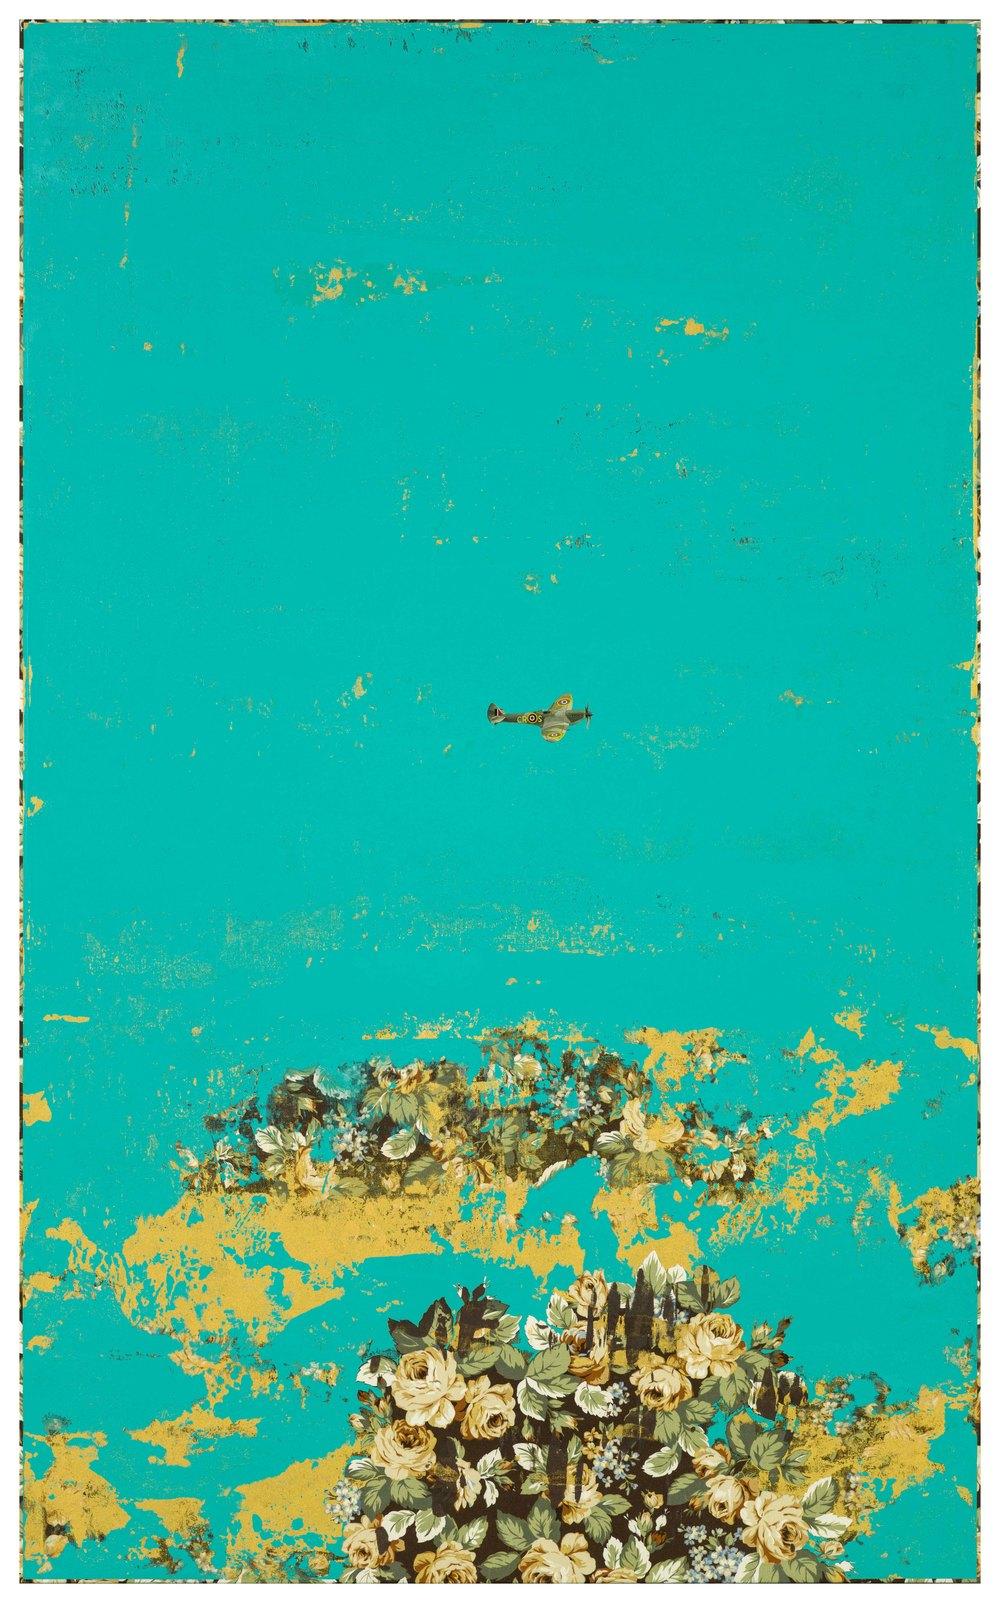 Sandbar 沙提, 2015, 145.5 x 89.5 cm